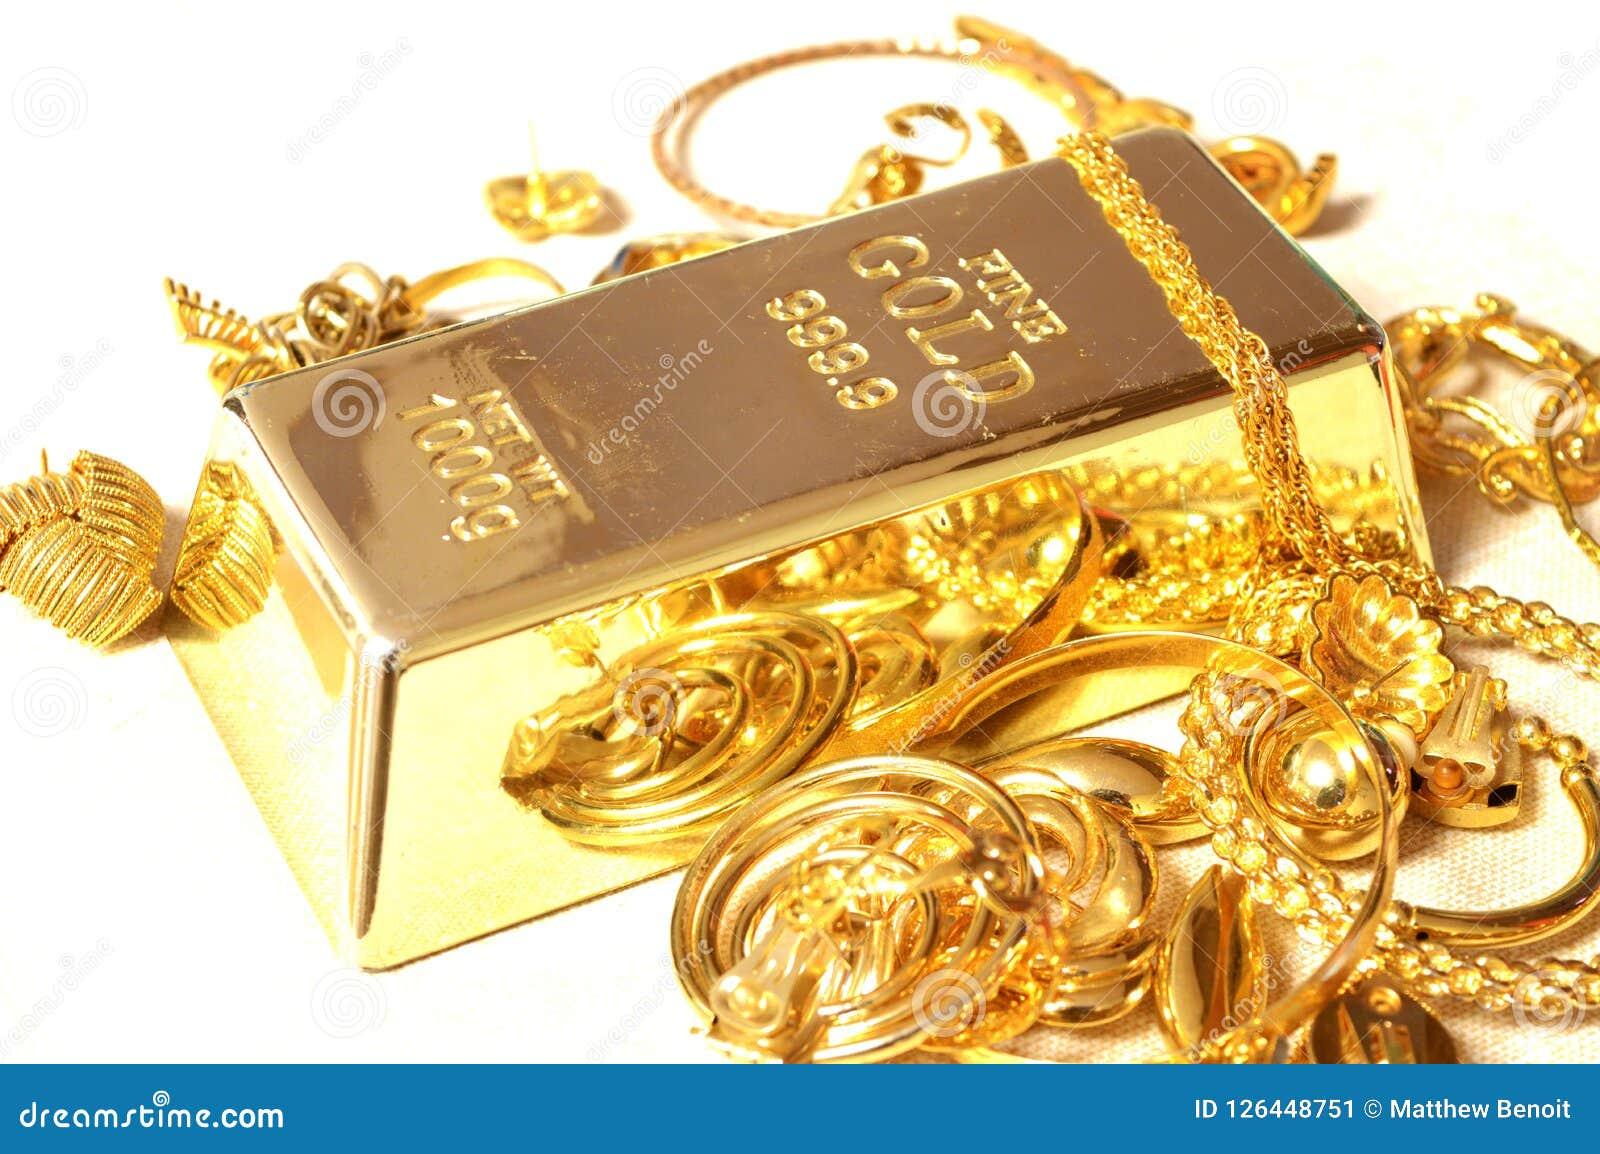 Χρυσός φραγμός και κόσμημα